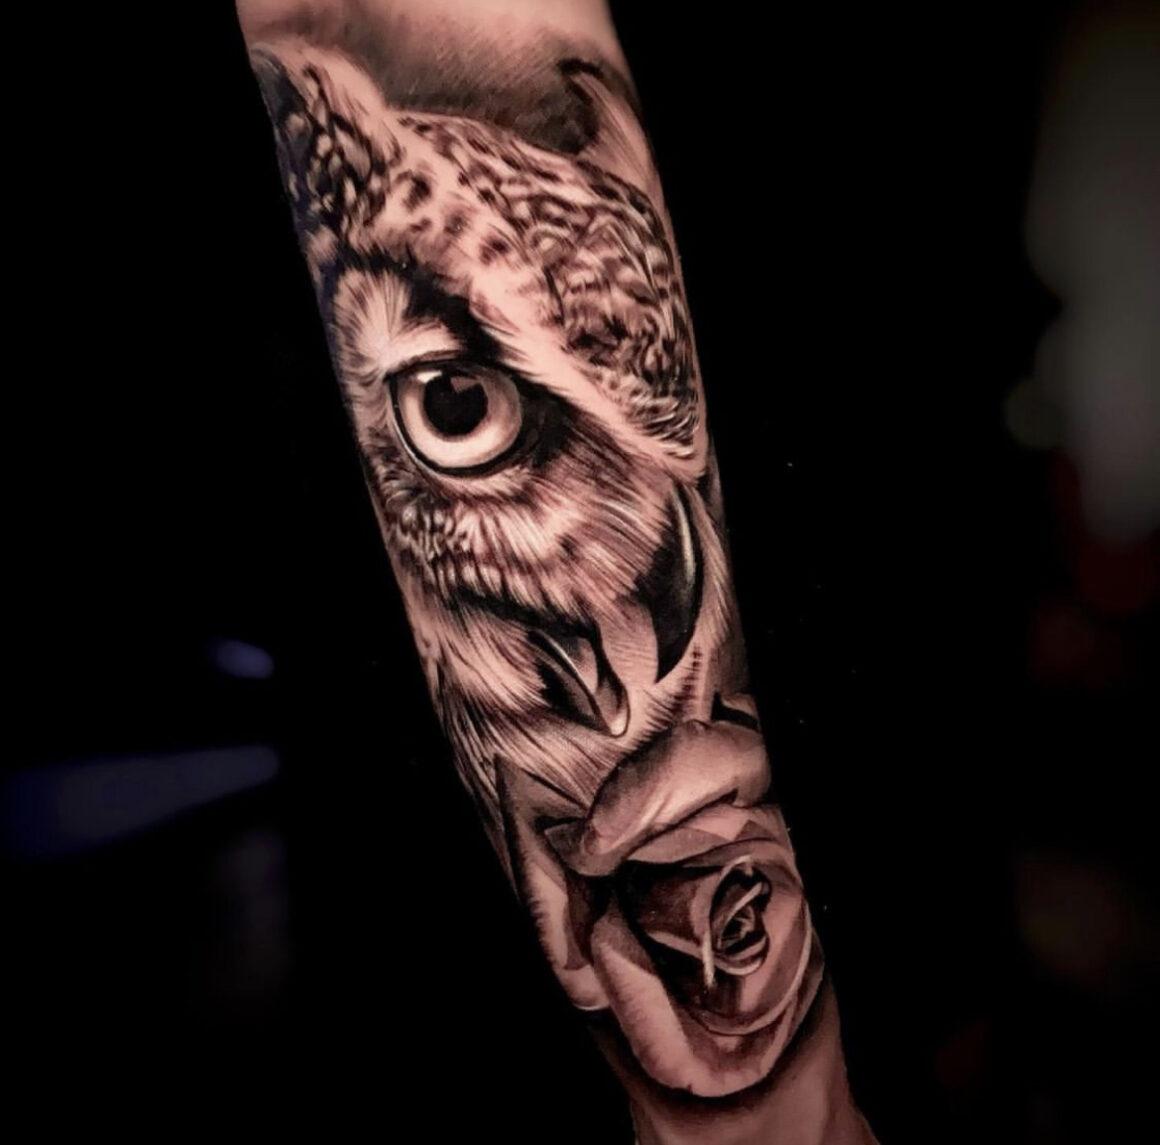 Antoine de Caignard, Seven 8 Tattoo, Mantes-la-Jolie, France